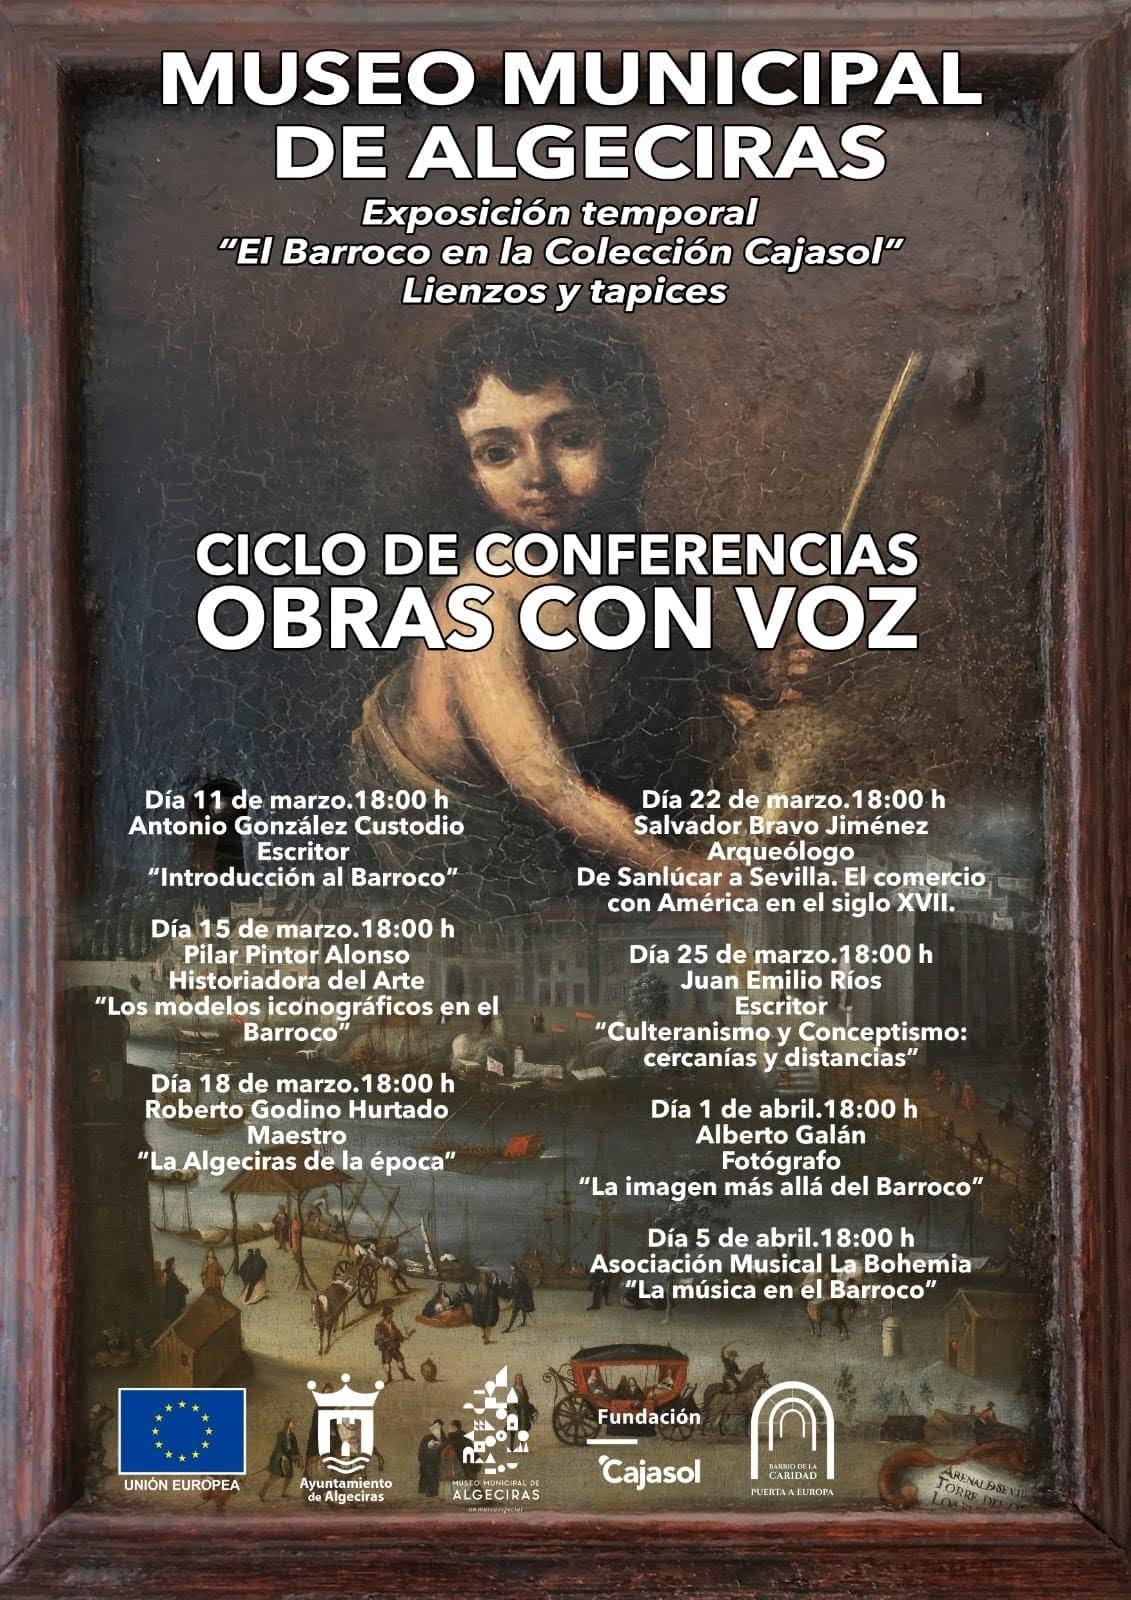 La Música en el Barroco en el Museo Municipal de Algeciras